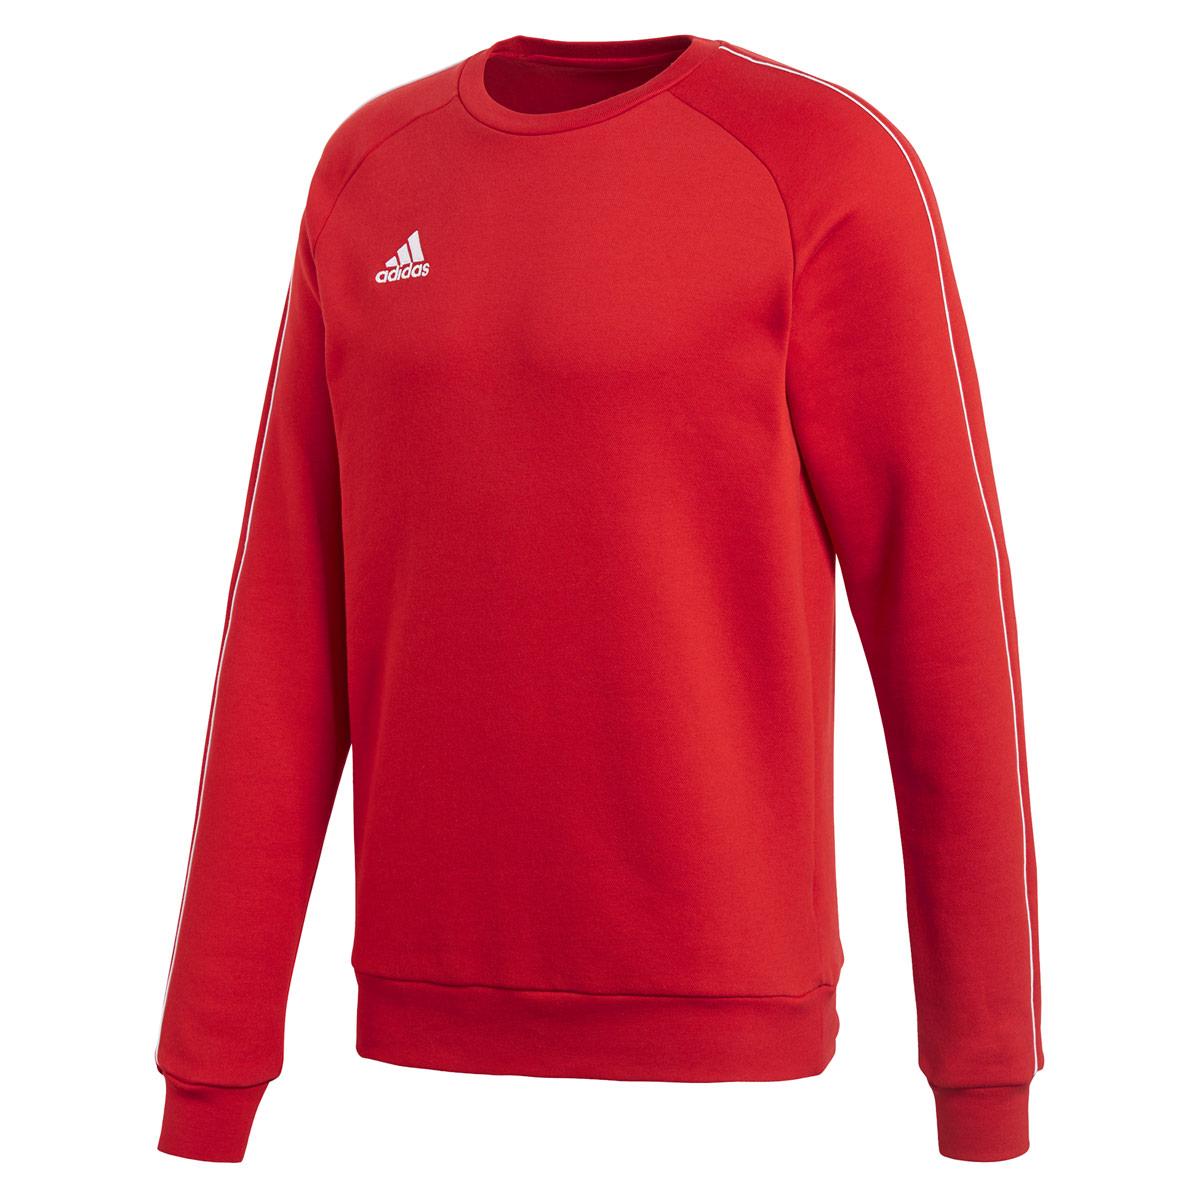 5860ee099d08 adidas Core 18 Sweatshirt - Sweatshirts   Hoodies for Men - Red